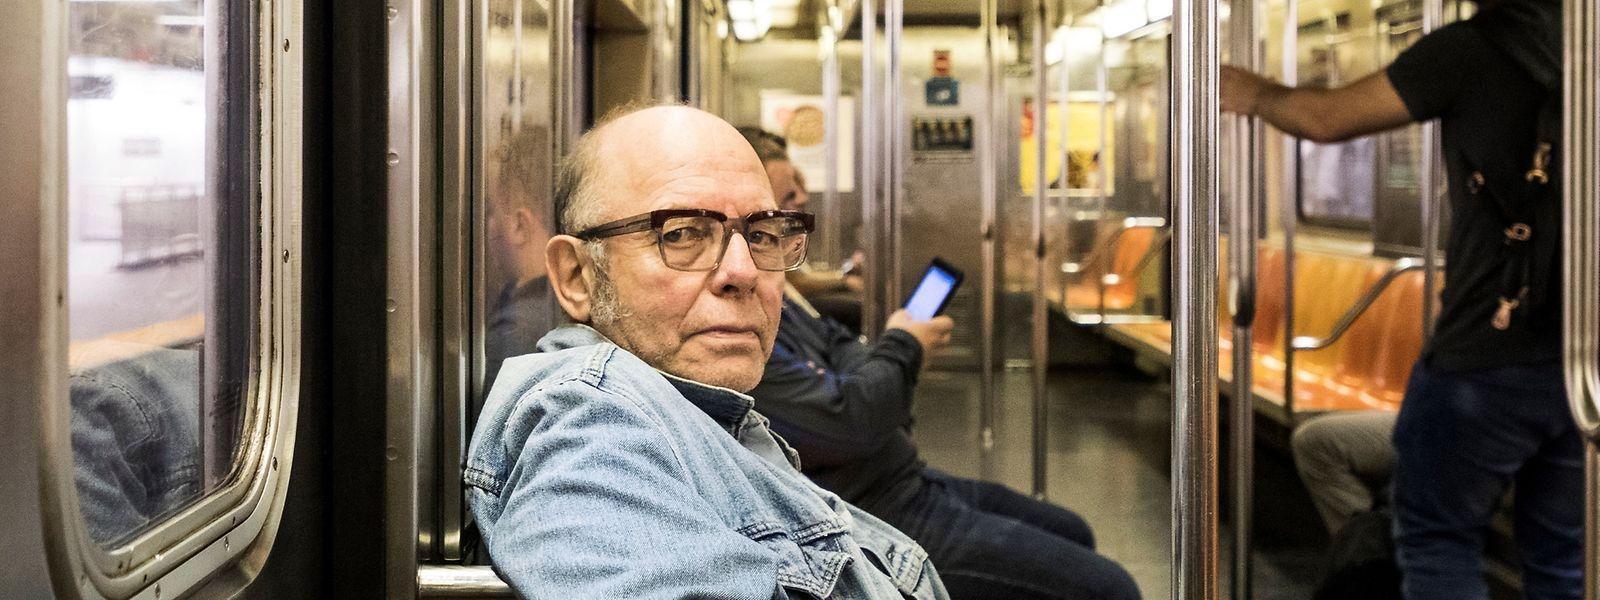 """In der Metro: Pierre Joris hat zwar seinen Lebensmittelpunkt in New York, gilt aber als Weltbürger und fühlt sich als """"Nomade""""."""